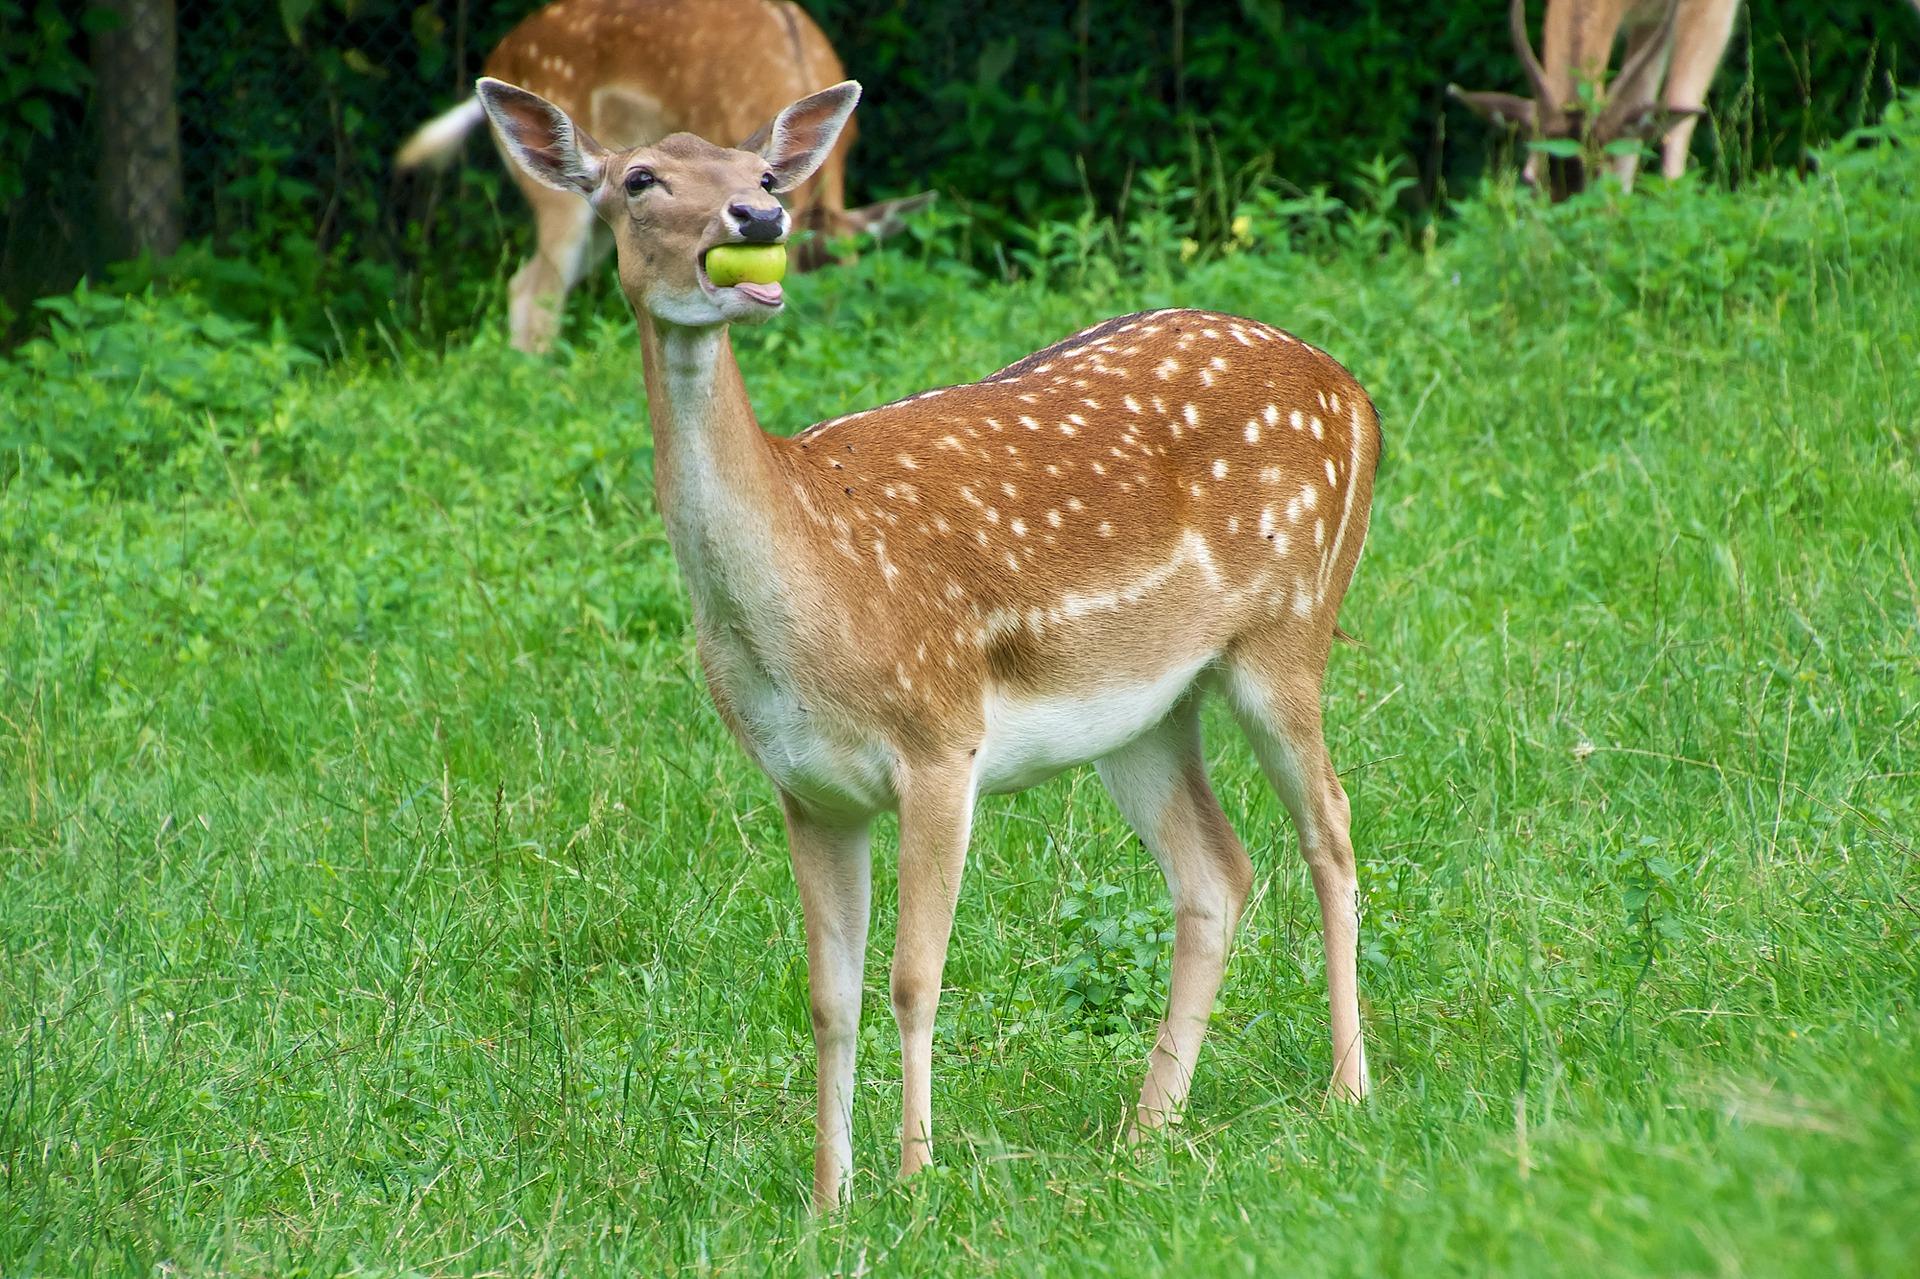 Types Of Plants Deer Eat Deerbusters Com